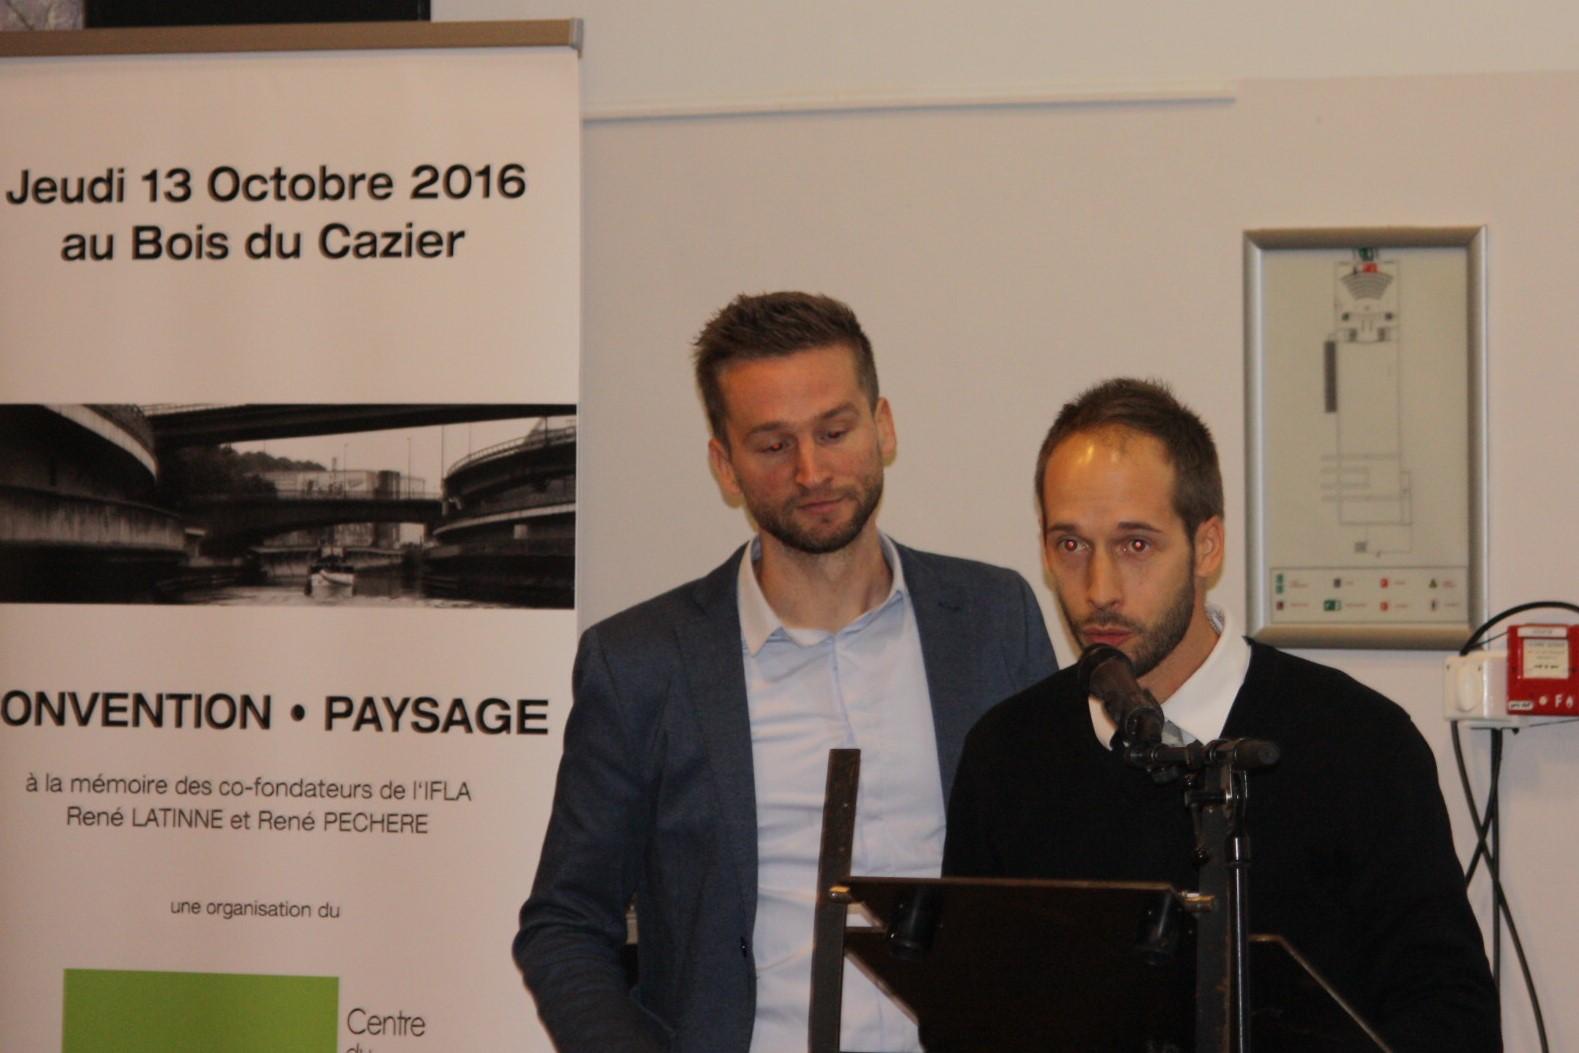 Sébastien Heuss & Gilles Saussez (Architectes Paysagistes et professeurs)